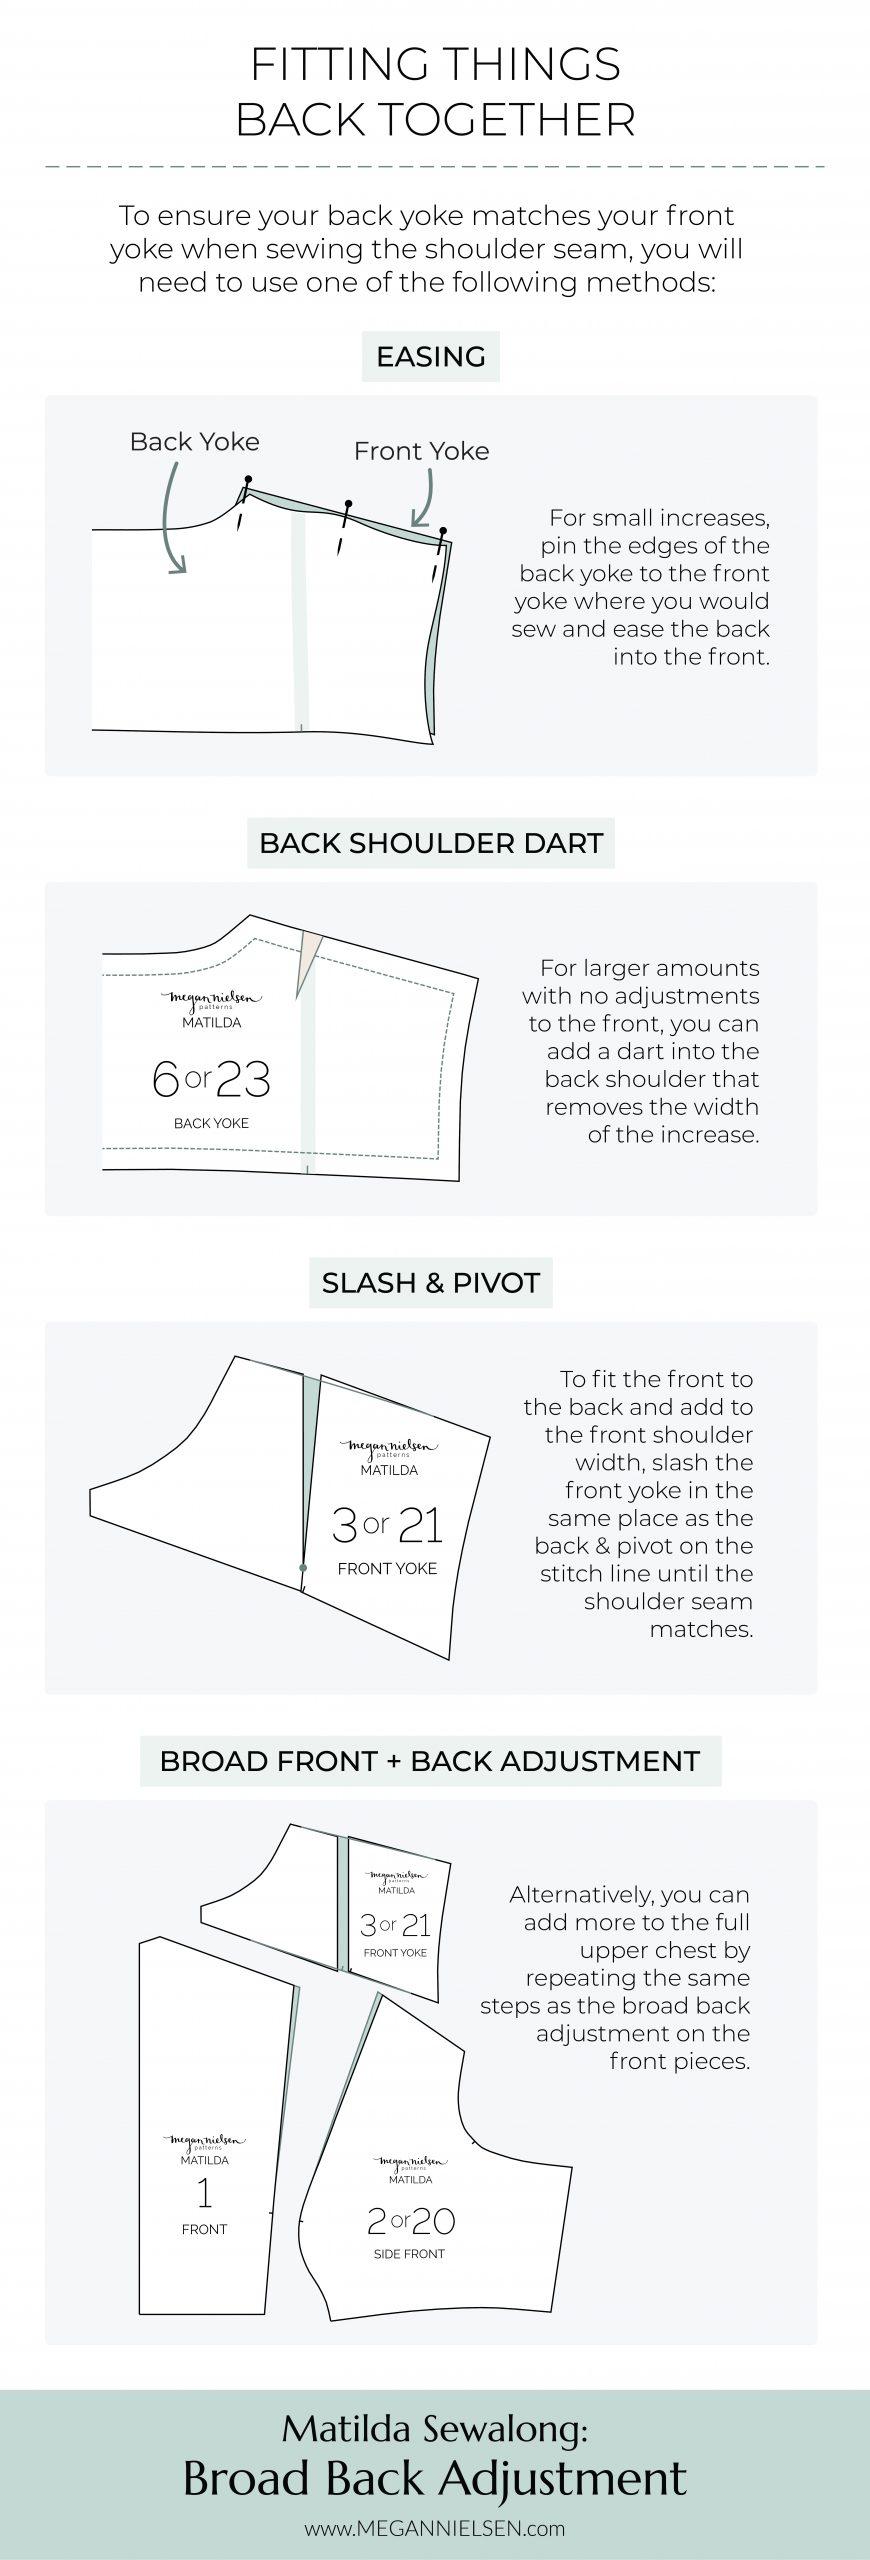 Megan Nielsen Patterns | Matilda Sewalong: Broad Back Adjustment | Fitting Your Pieces Back Together